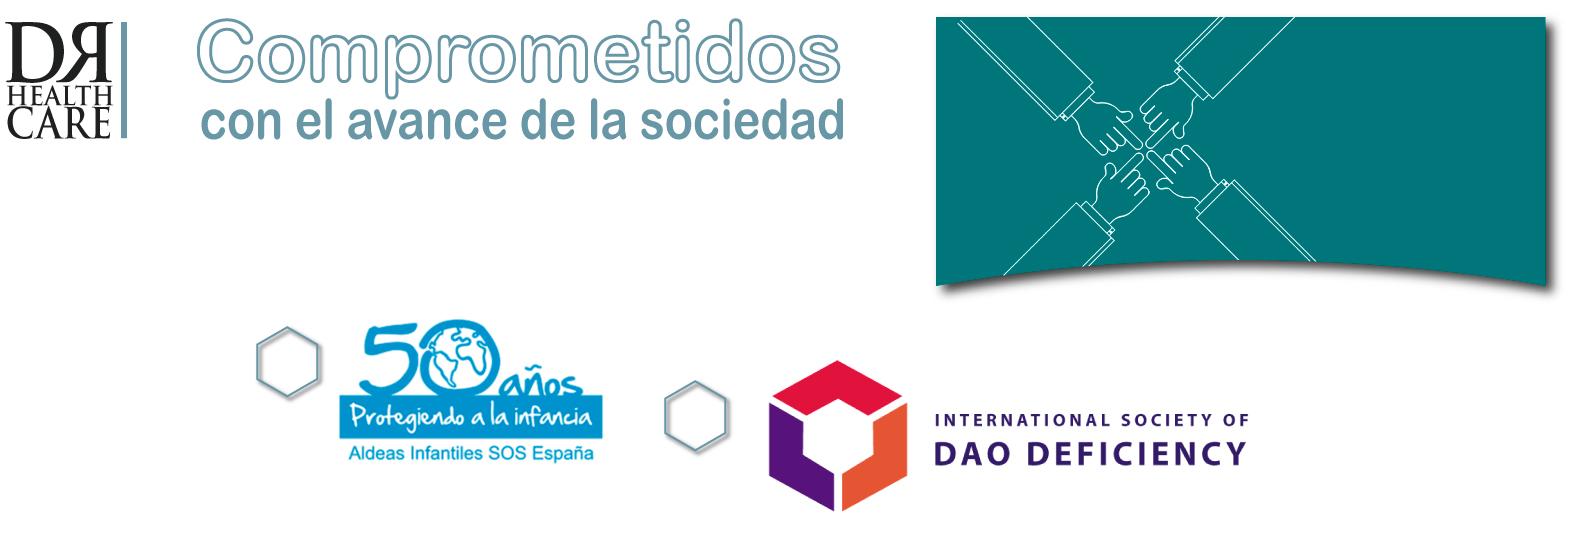 compromiso social de DR Healthcare con el avance de la sociedad, déficit de DAO, histamina, diamino oxidasa